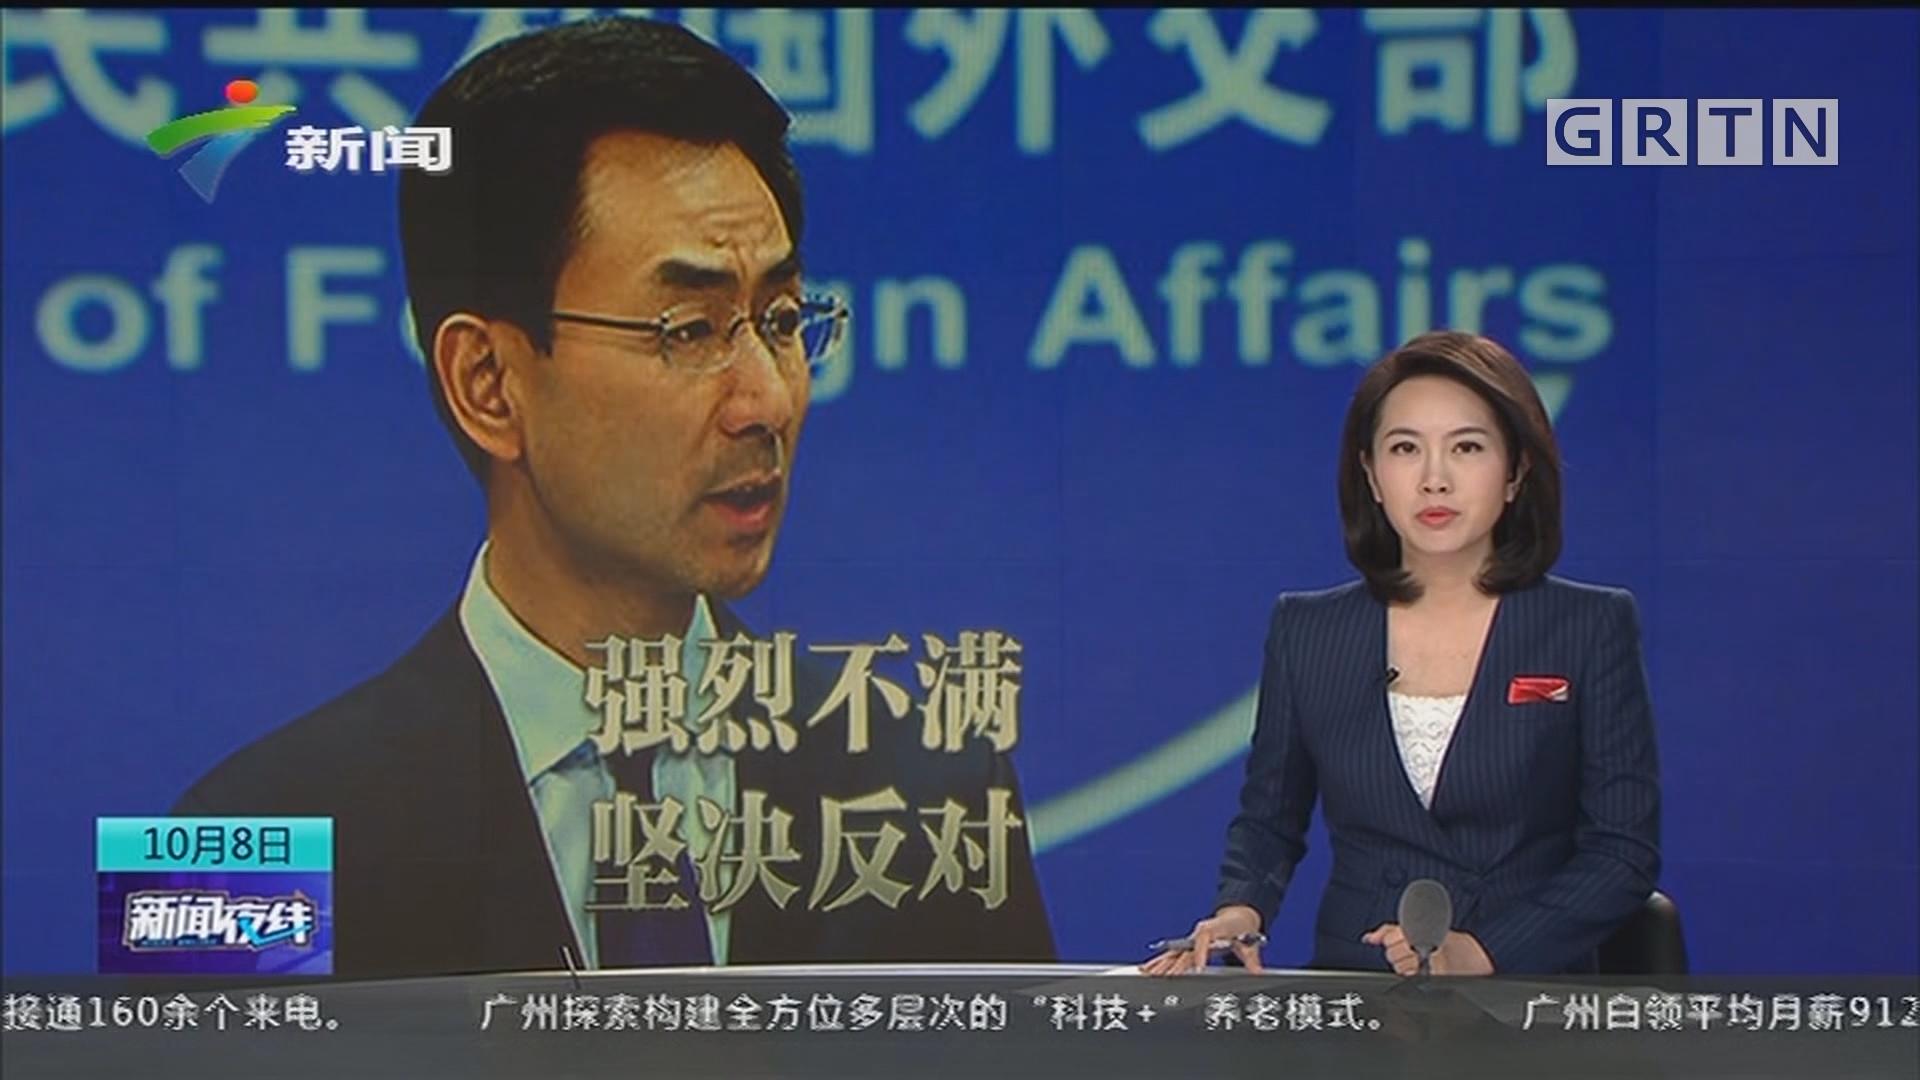 外交部发言人:强烈不满 坚决反对